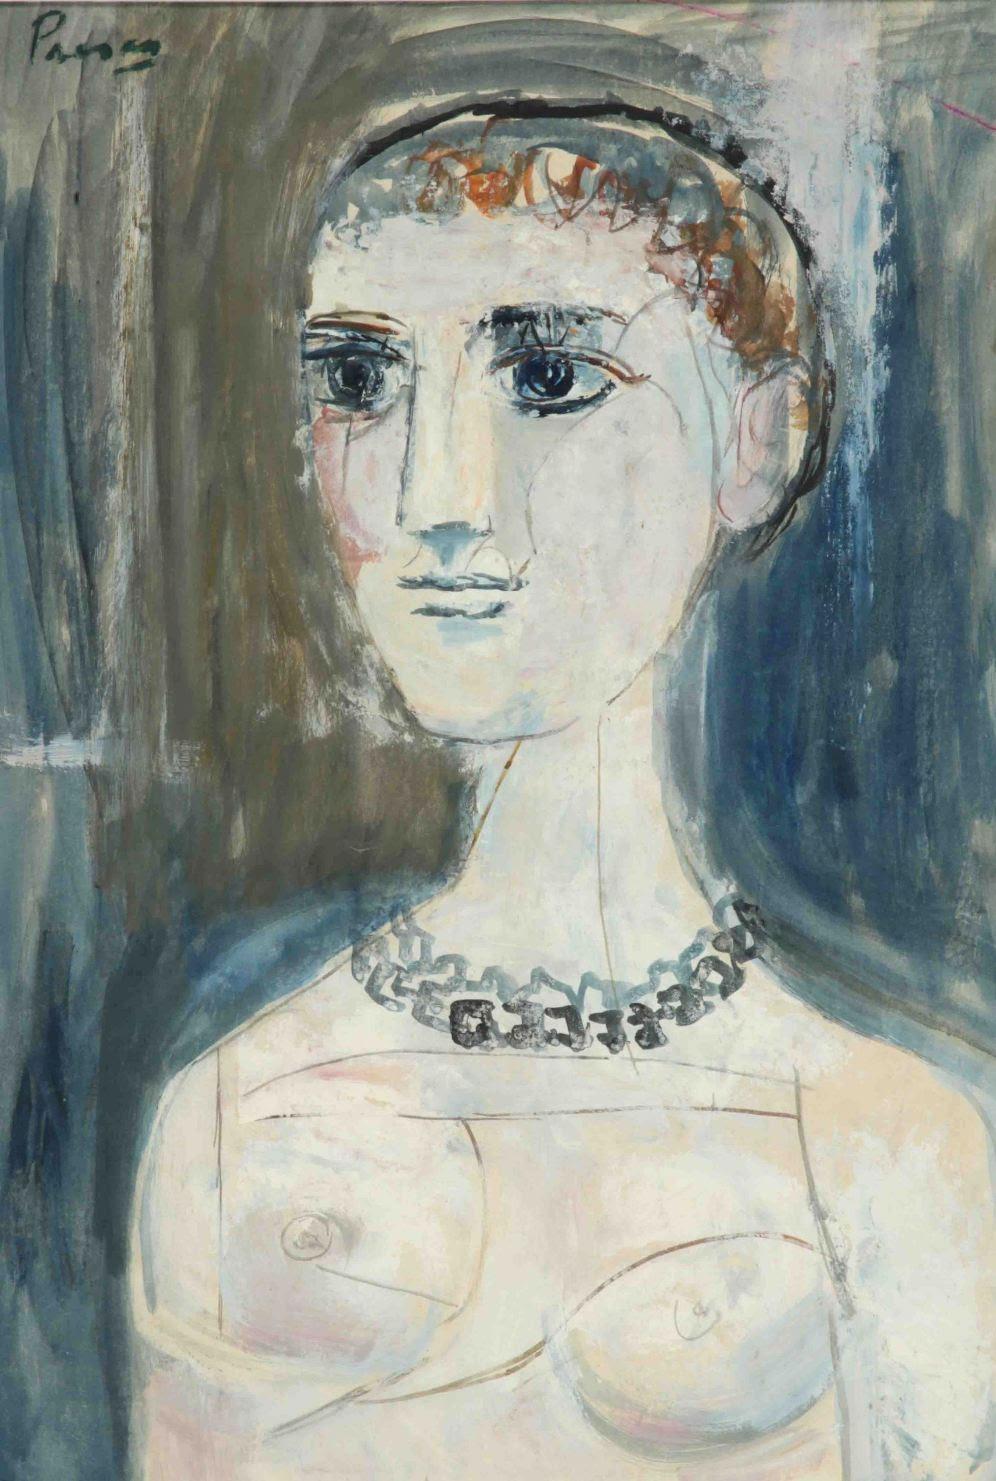 Se puede reconocer en los ojos la influencia que Presas recibió durante su asistencia a las clases particulares del maestro Lino Enea Spilimbergo en la Escuela de Artes Gráficas.